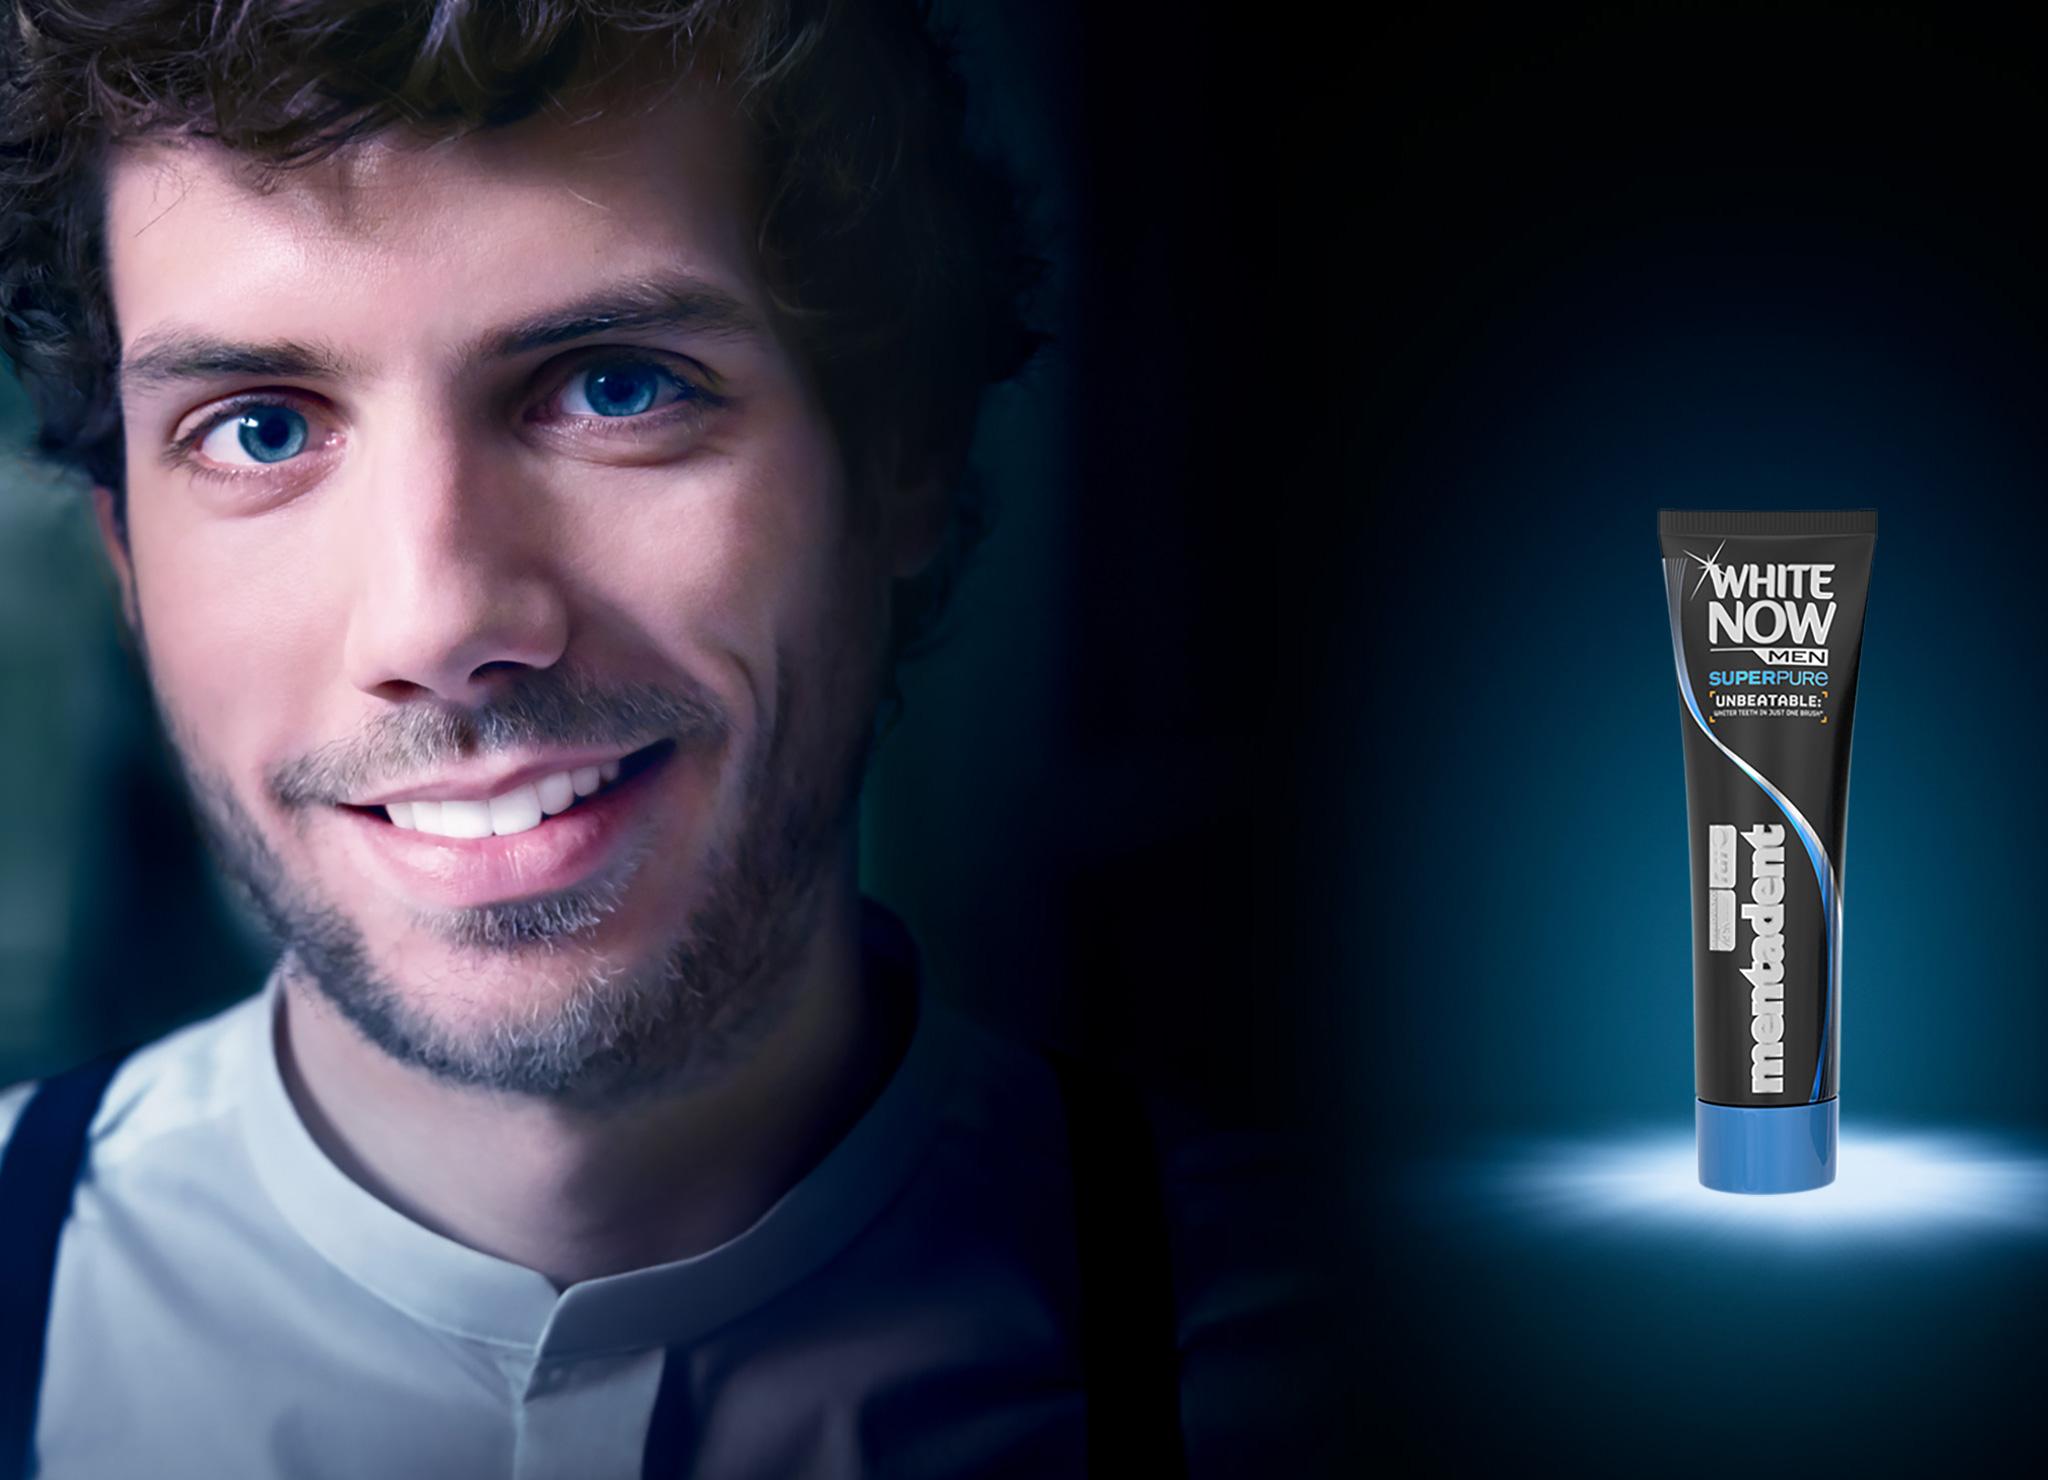 Dentifricio Mentadent White Now uomo per avere i denti bianchi